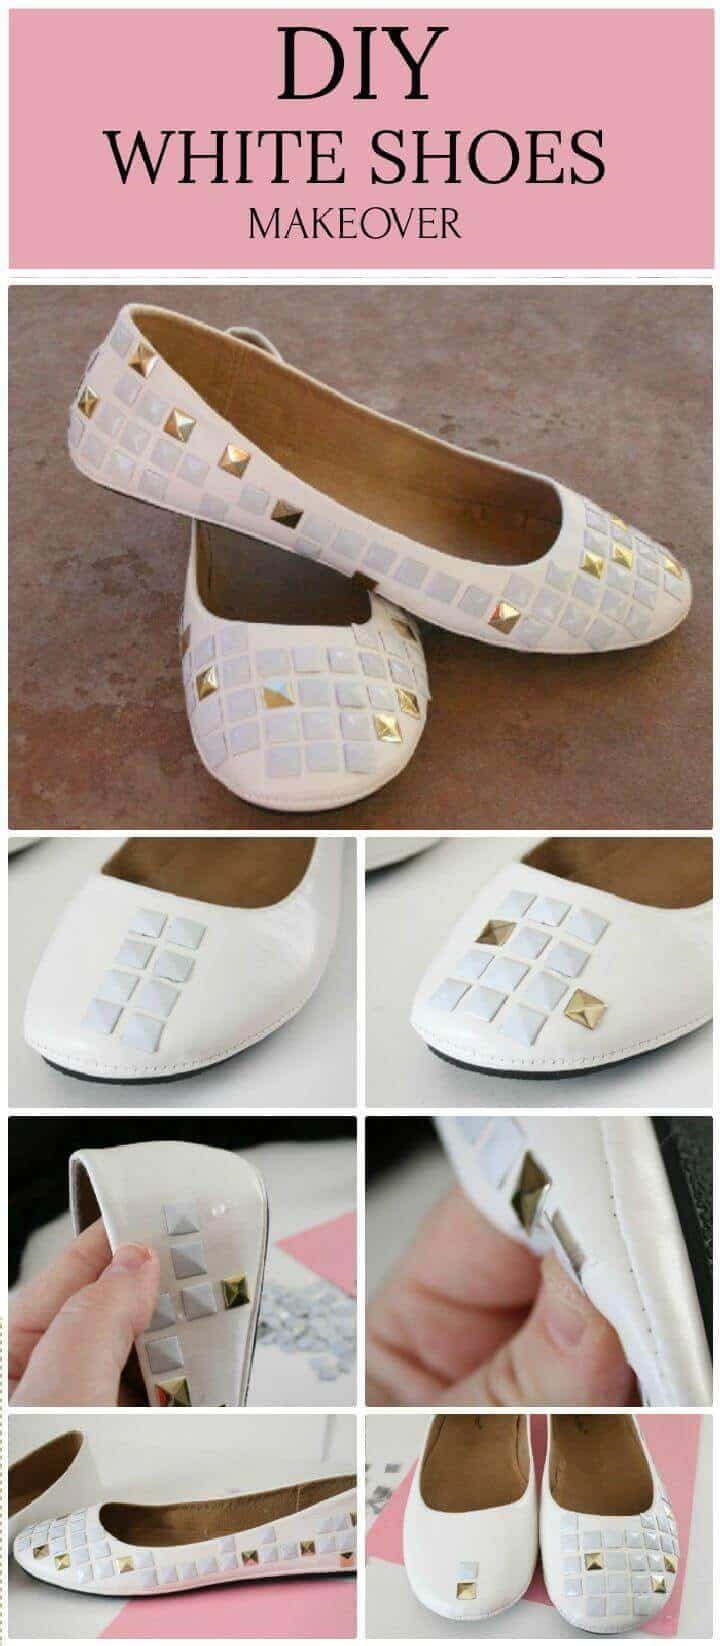 Bricolaje con tachuelas blancas en zapatos planos blancos Cambio de imagen